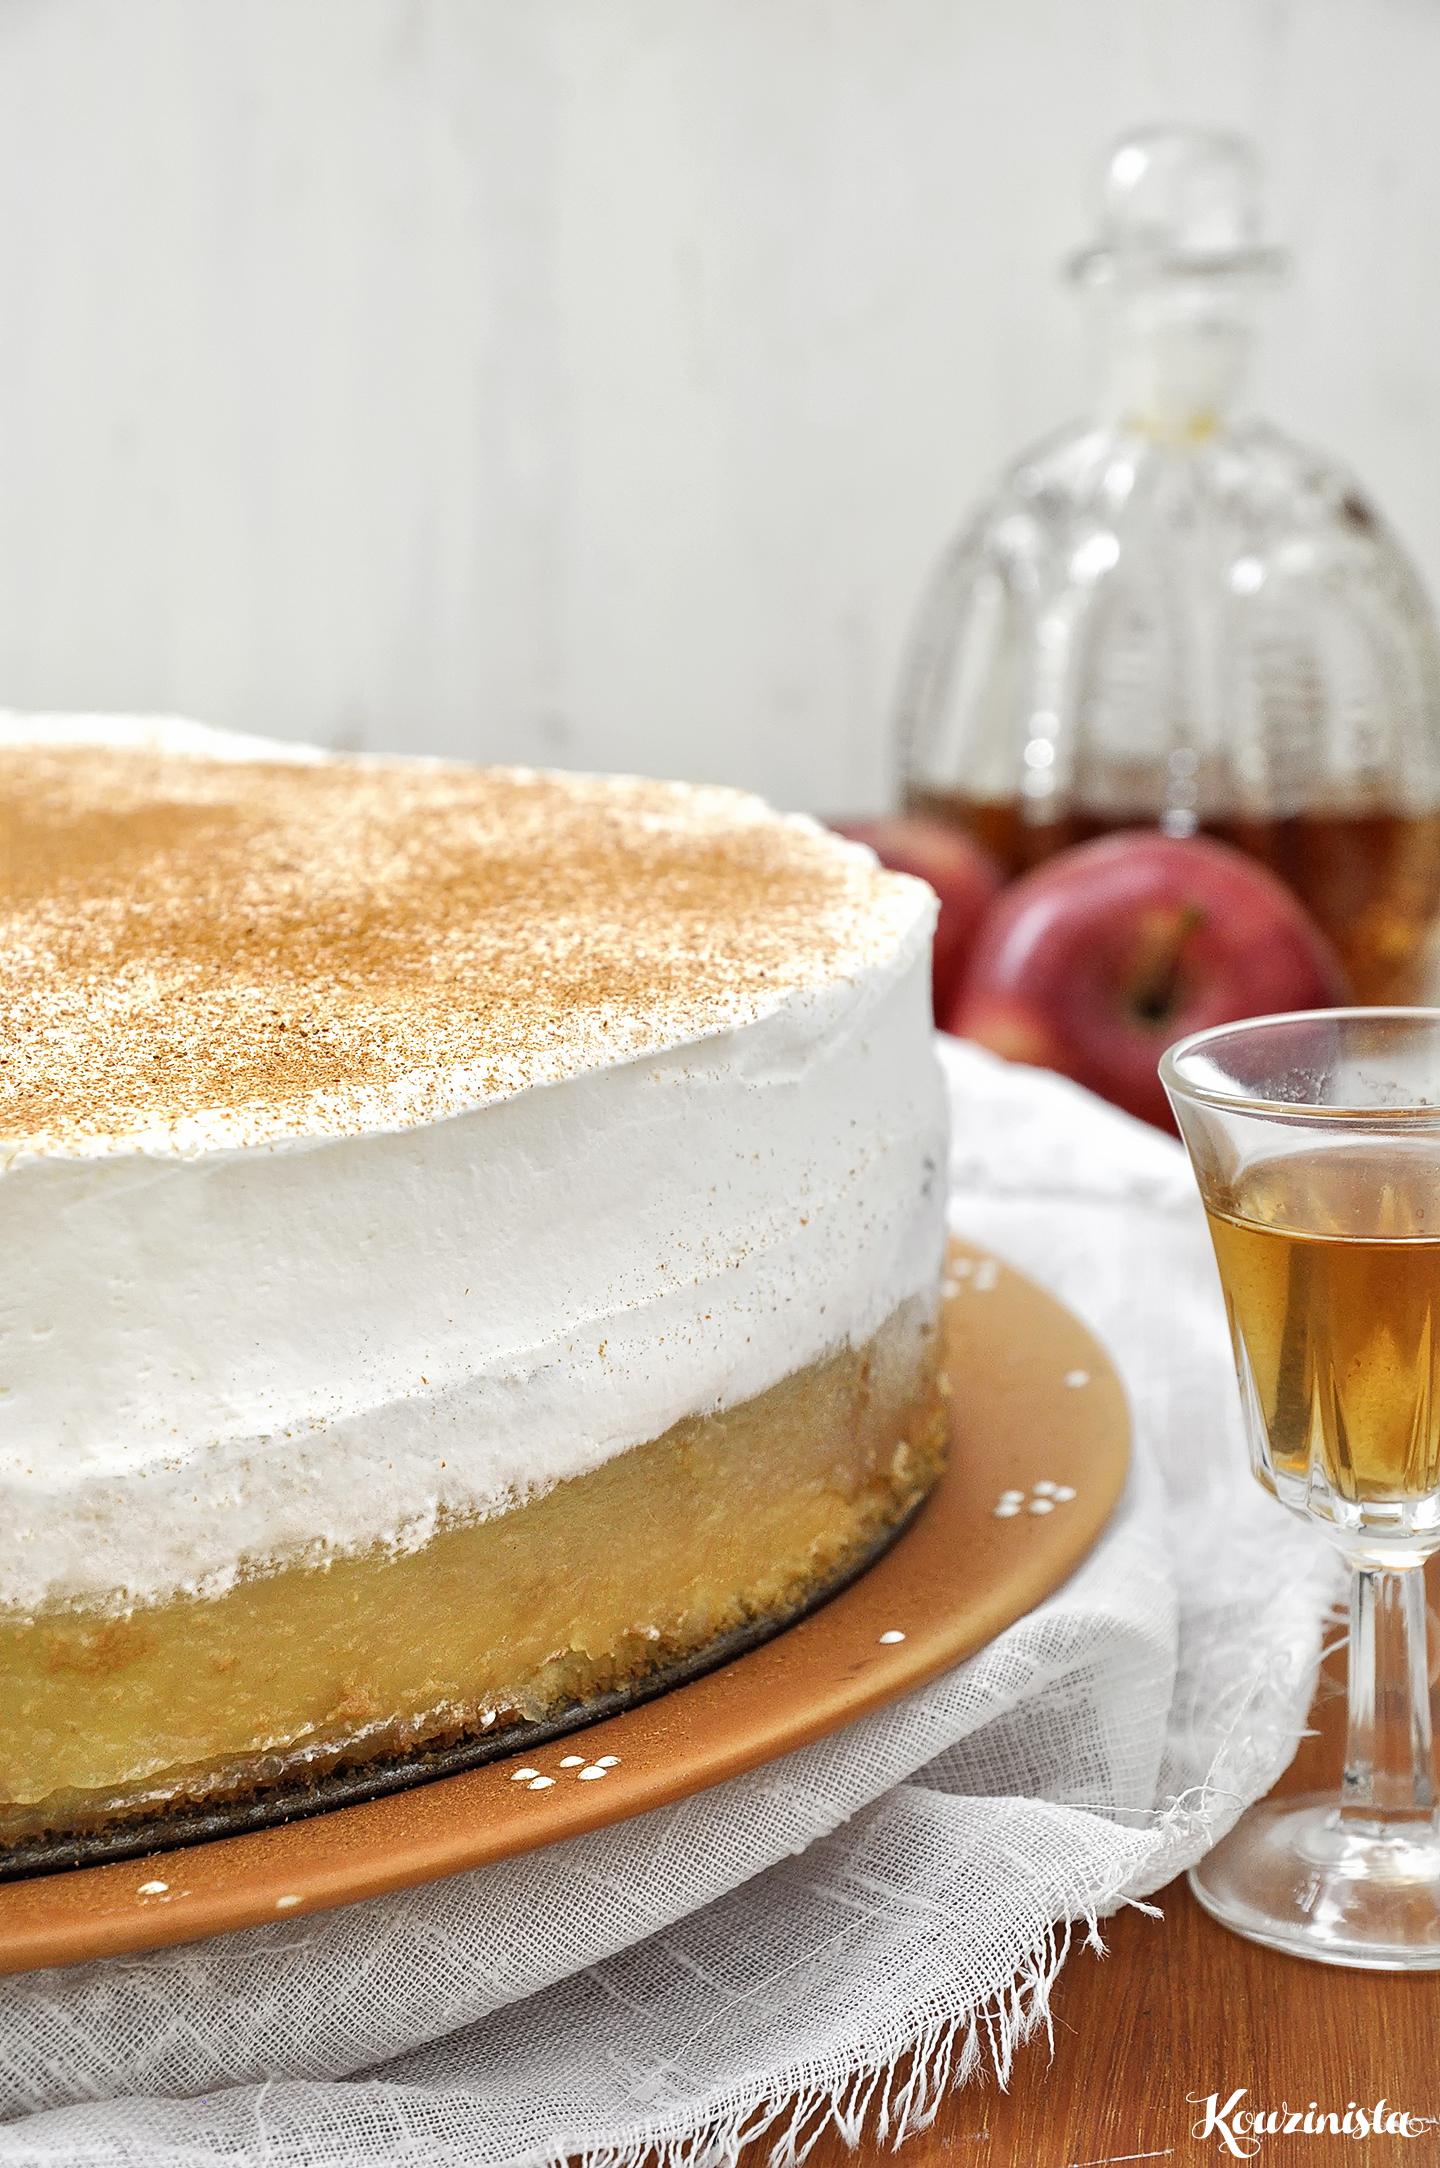 Δροσερή τούρτα με μήλα ή ροδάκινα / Apple pudding cake